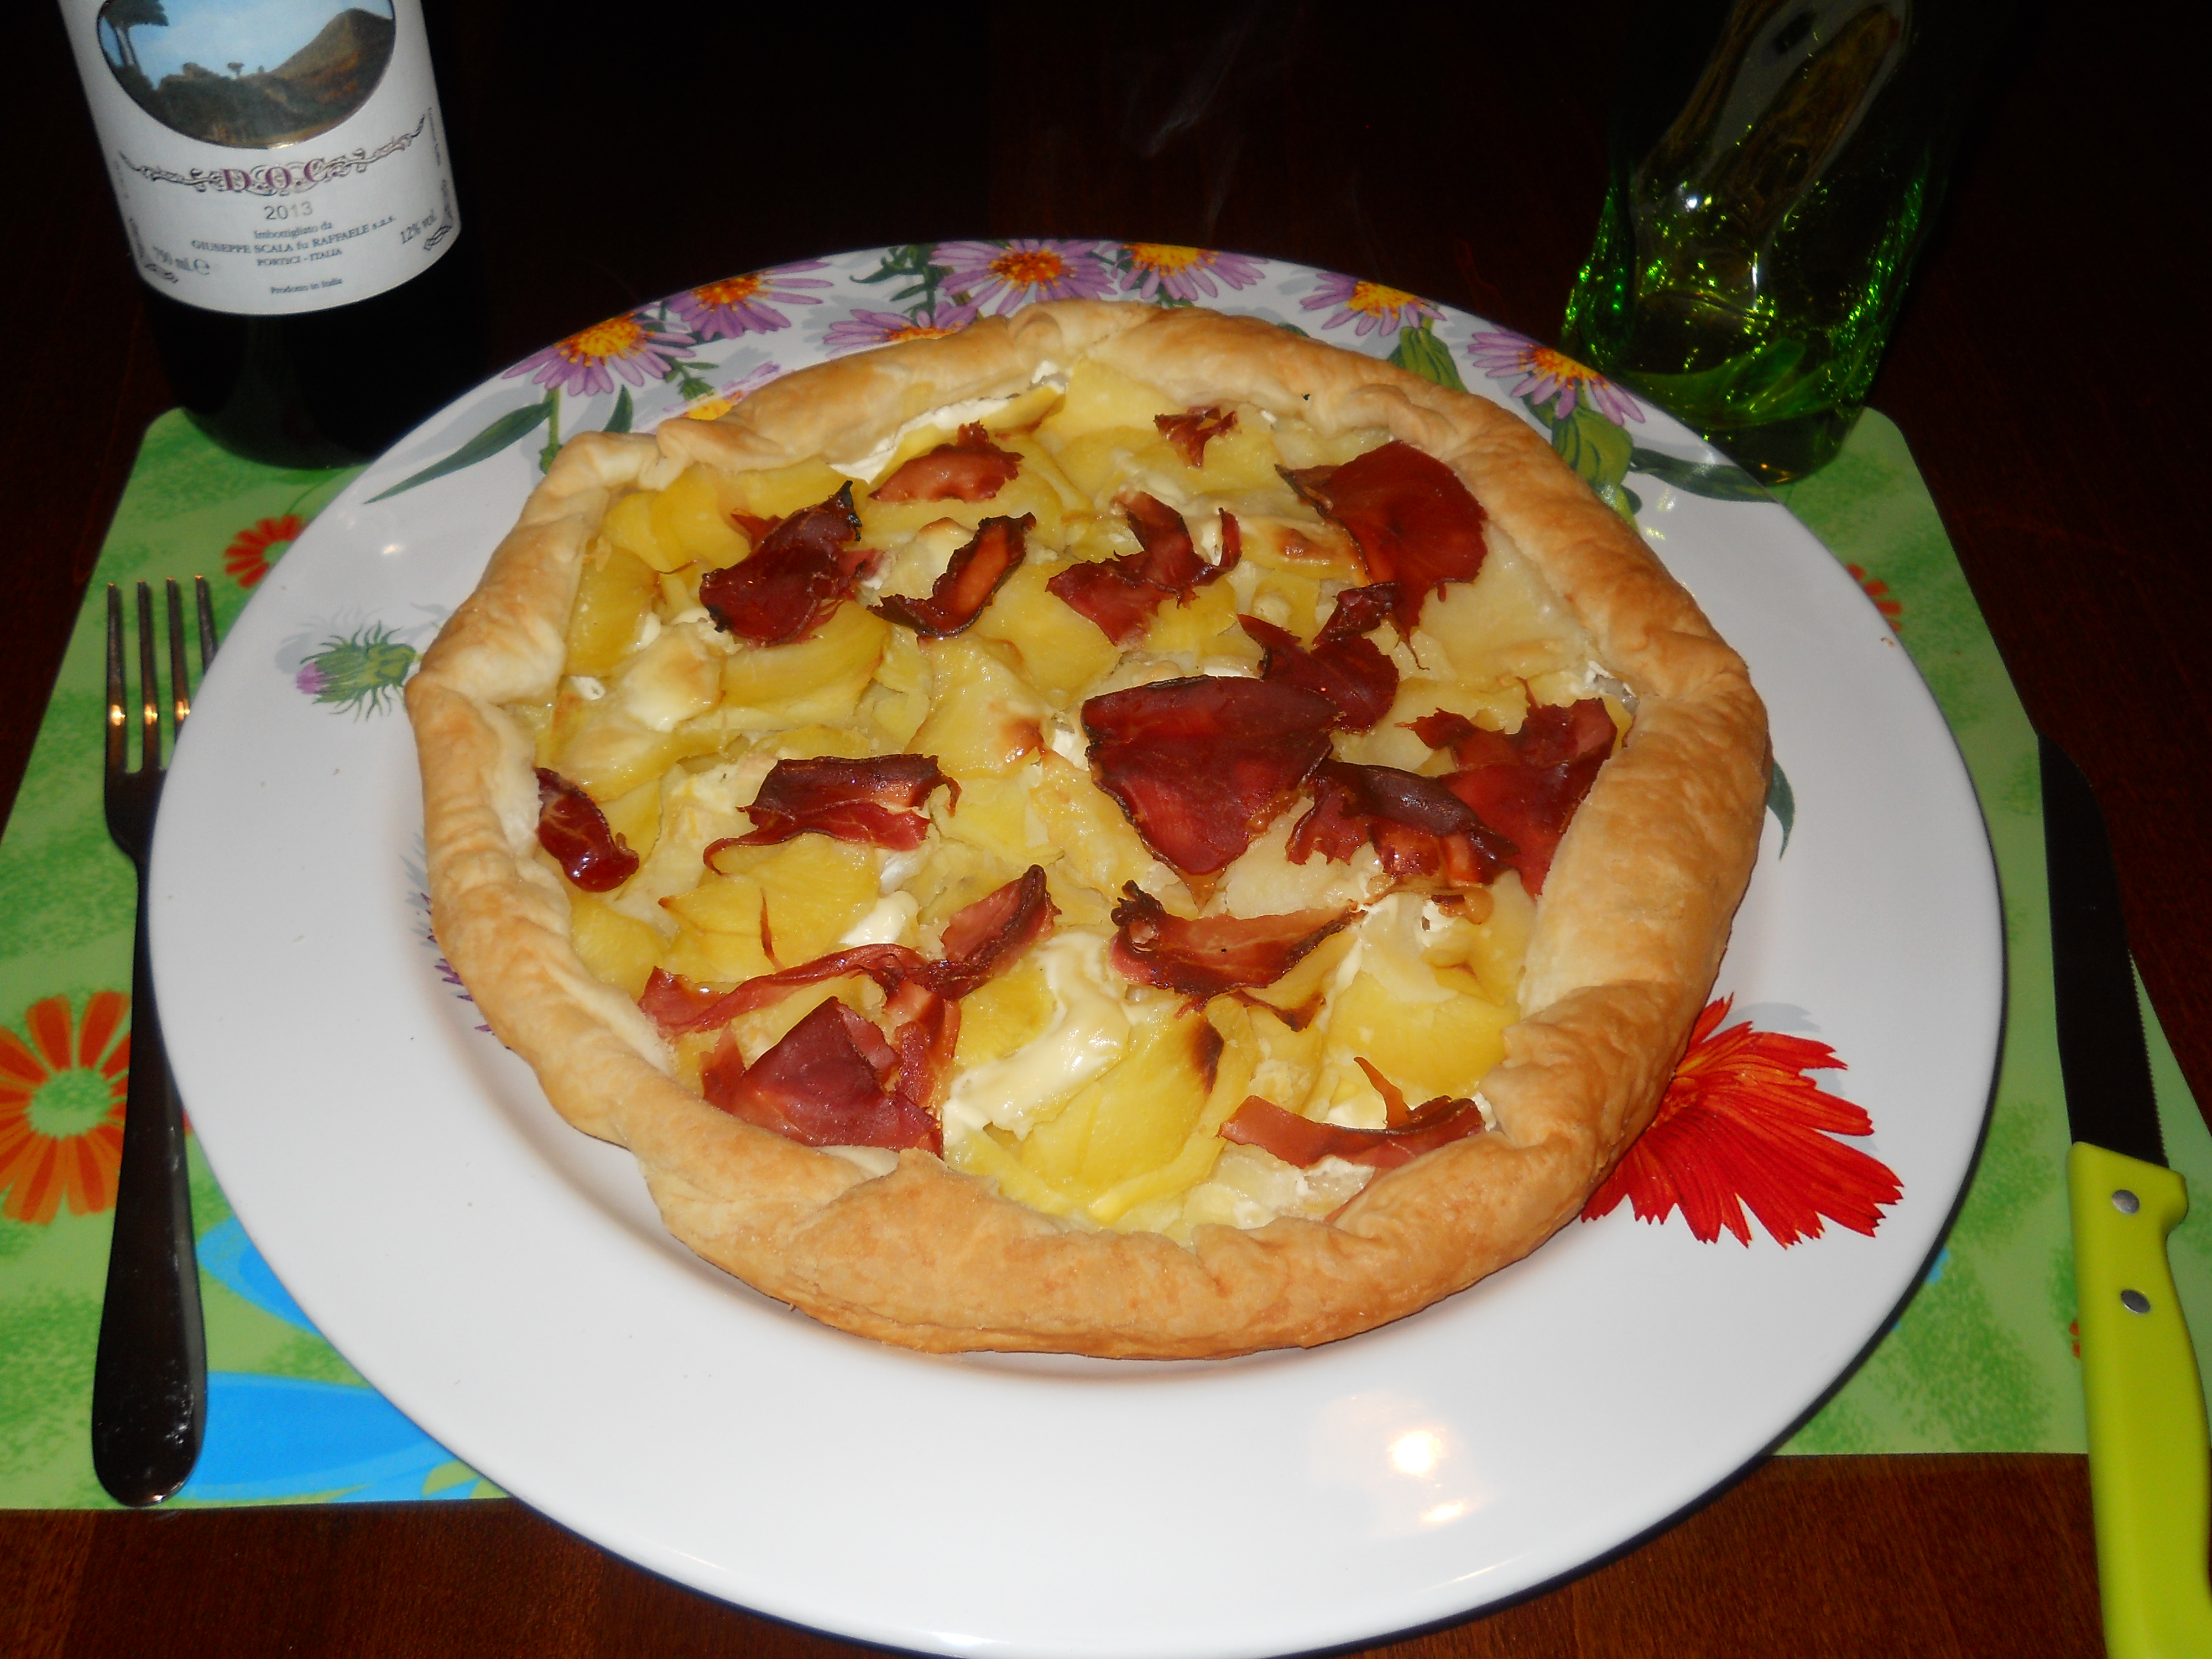 la mia pizza di sfoglia con patate,panna e prosciutto crudo